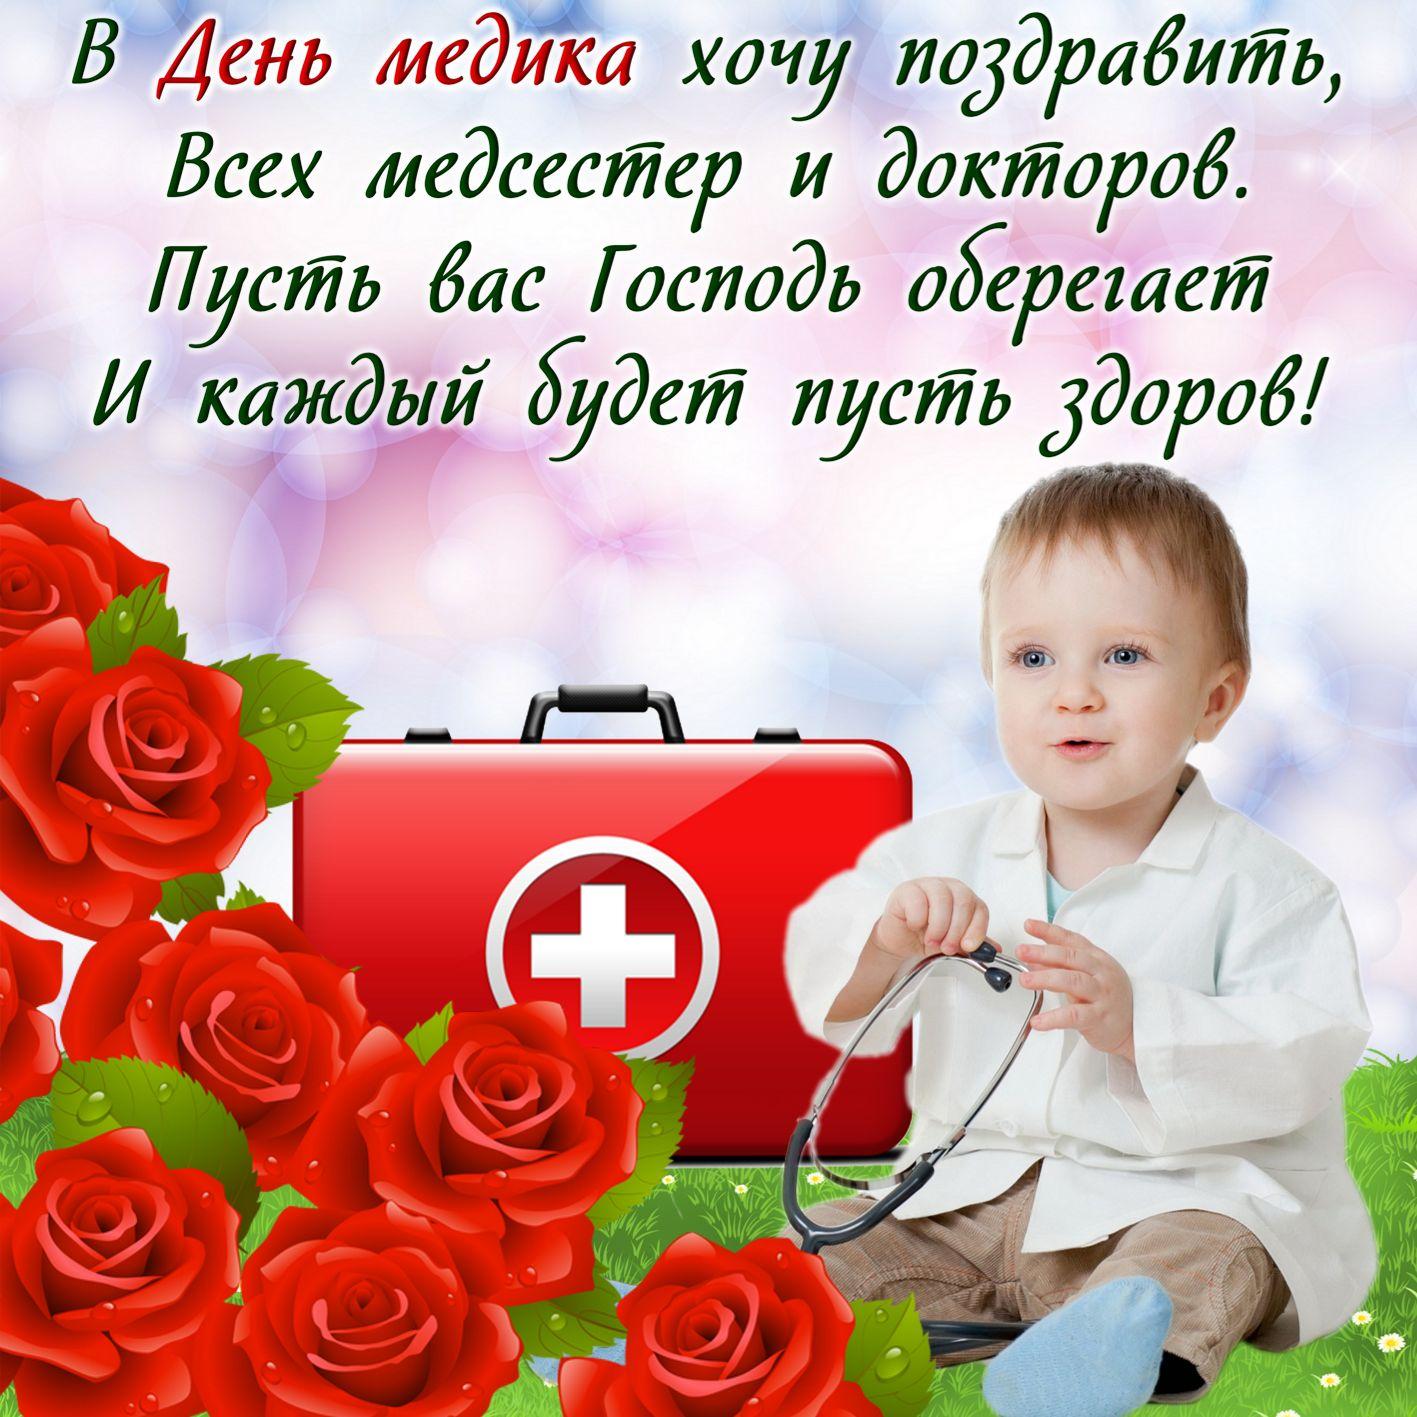 Цветами, открытка день медицинского работника в 2019 году